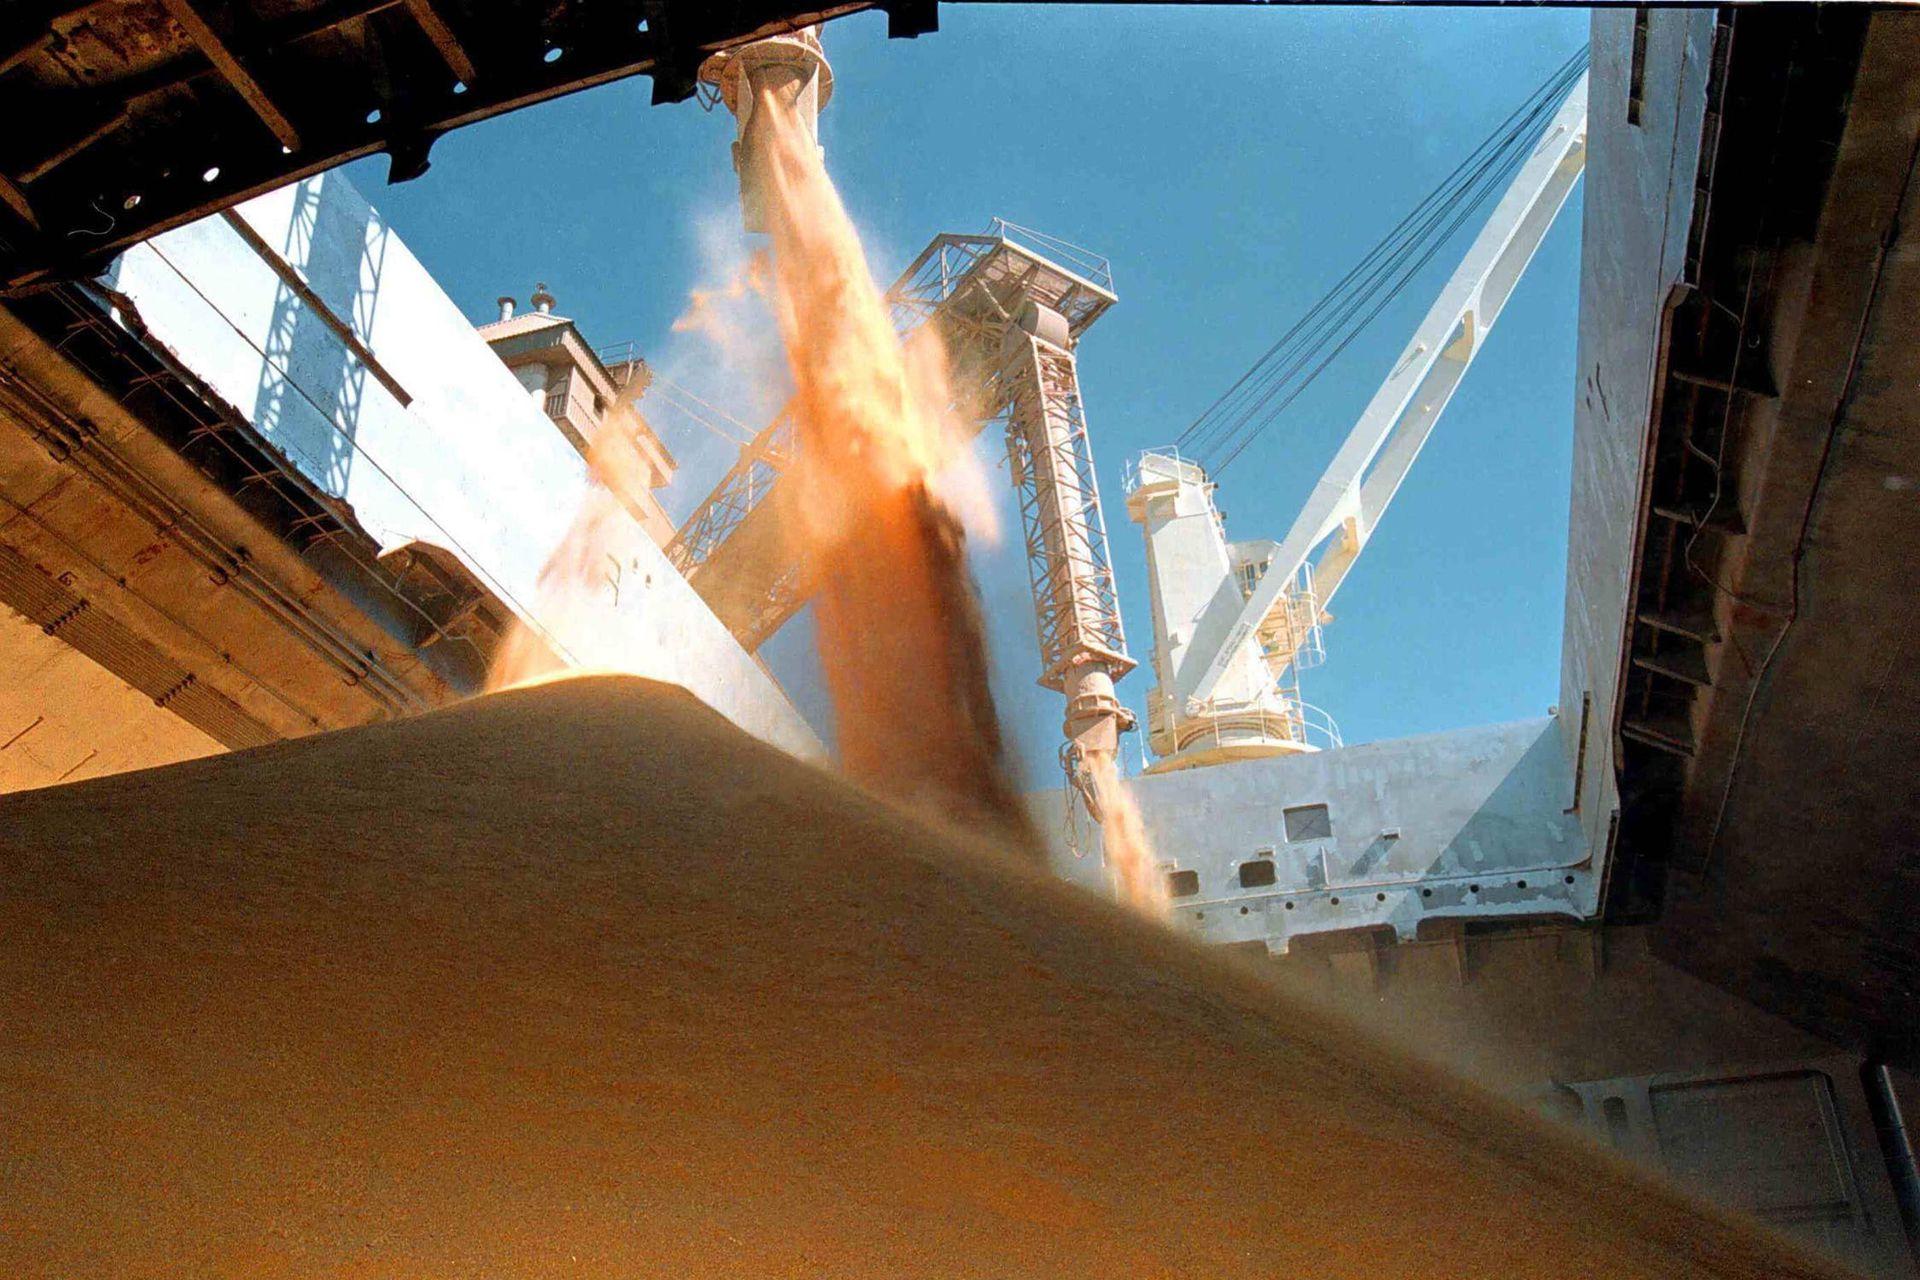 El año pasado se vendieron al exterior granos y subproductos por 100 millones de toneladas, un volumen récord